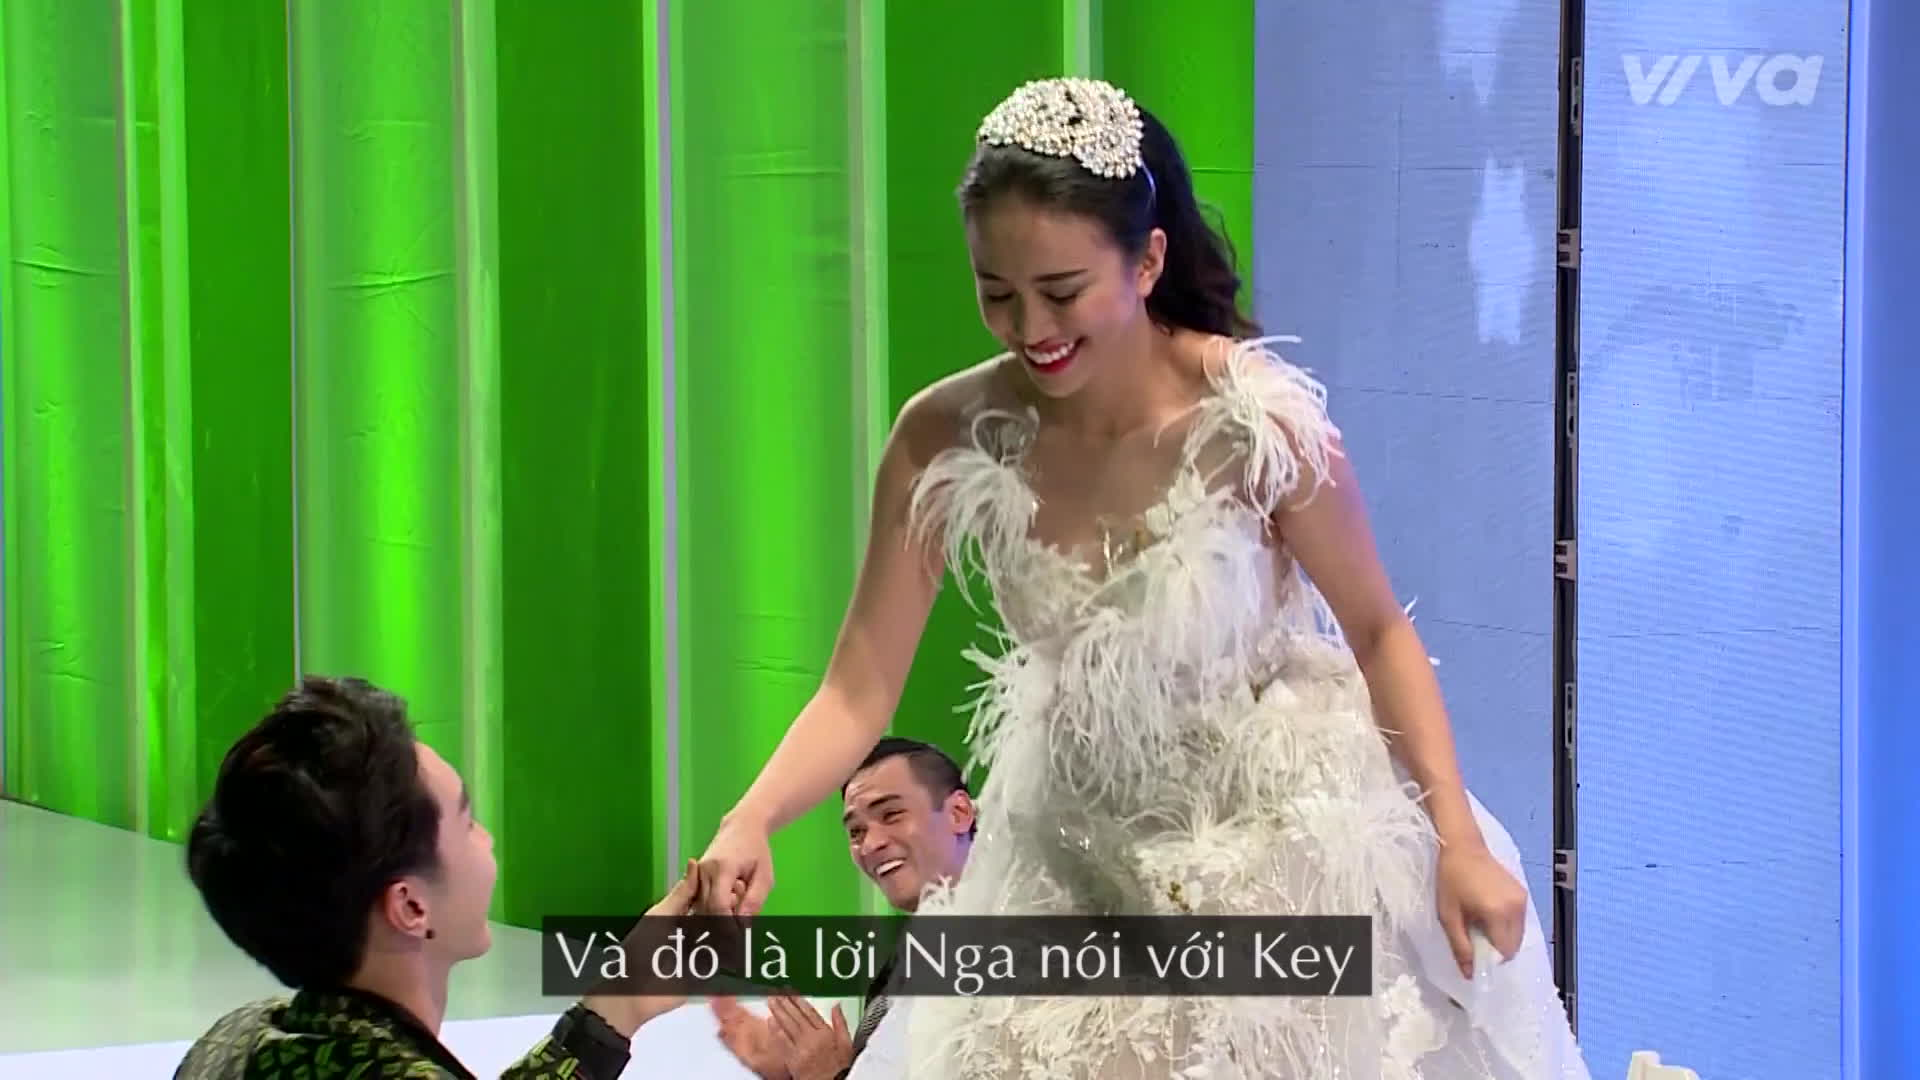 Thiên Nga  Key (MONSTAR) xứng đôi vừa lứa trong MV chế hit quốc dân Ông bà anh